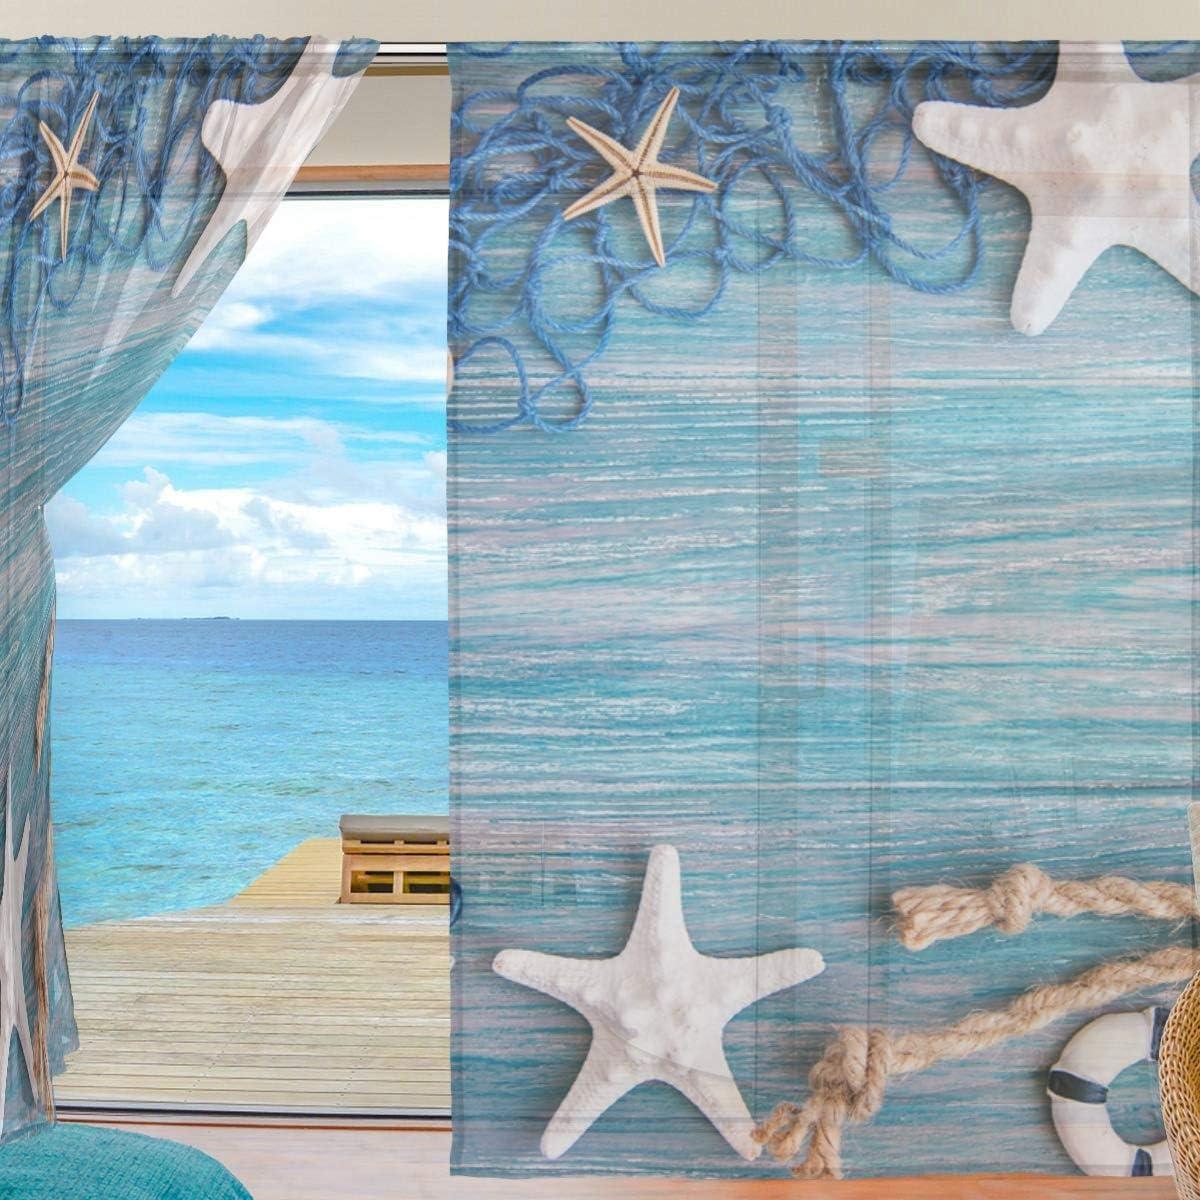 55x78x2 Poliestere in Tenda velata in tulle 140 x 198 cm decorazione per la casa soggiorno ideale per camera da letto con motivo a stelle marine Isoaa Multicolore